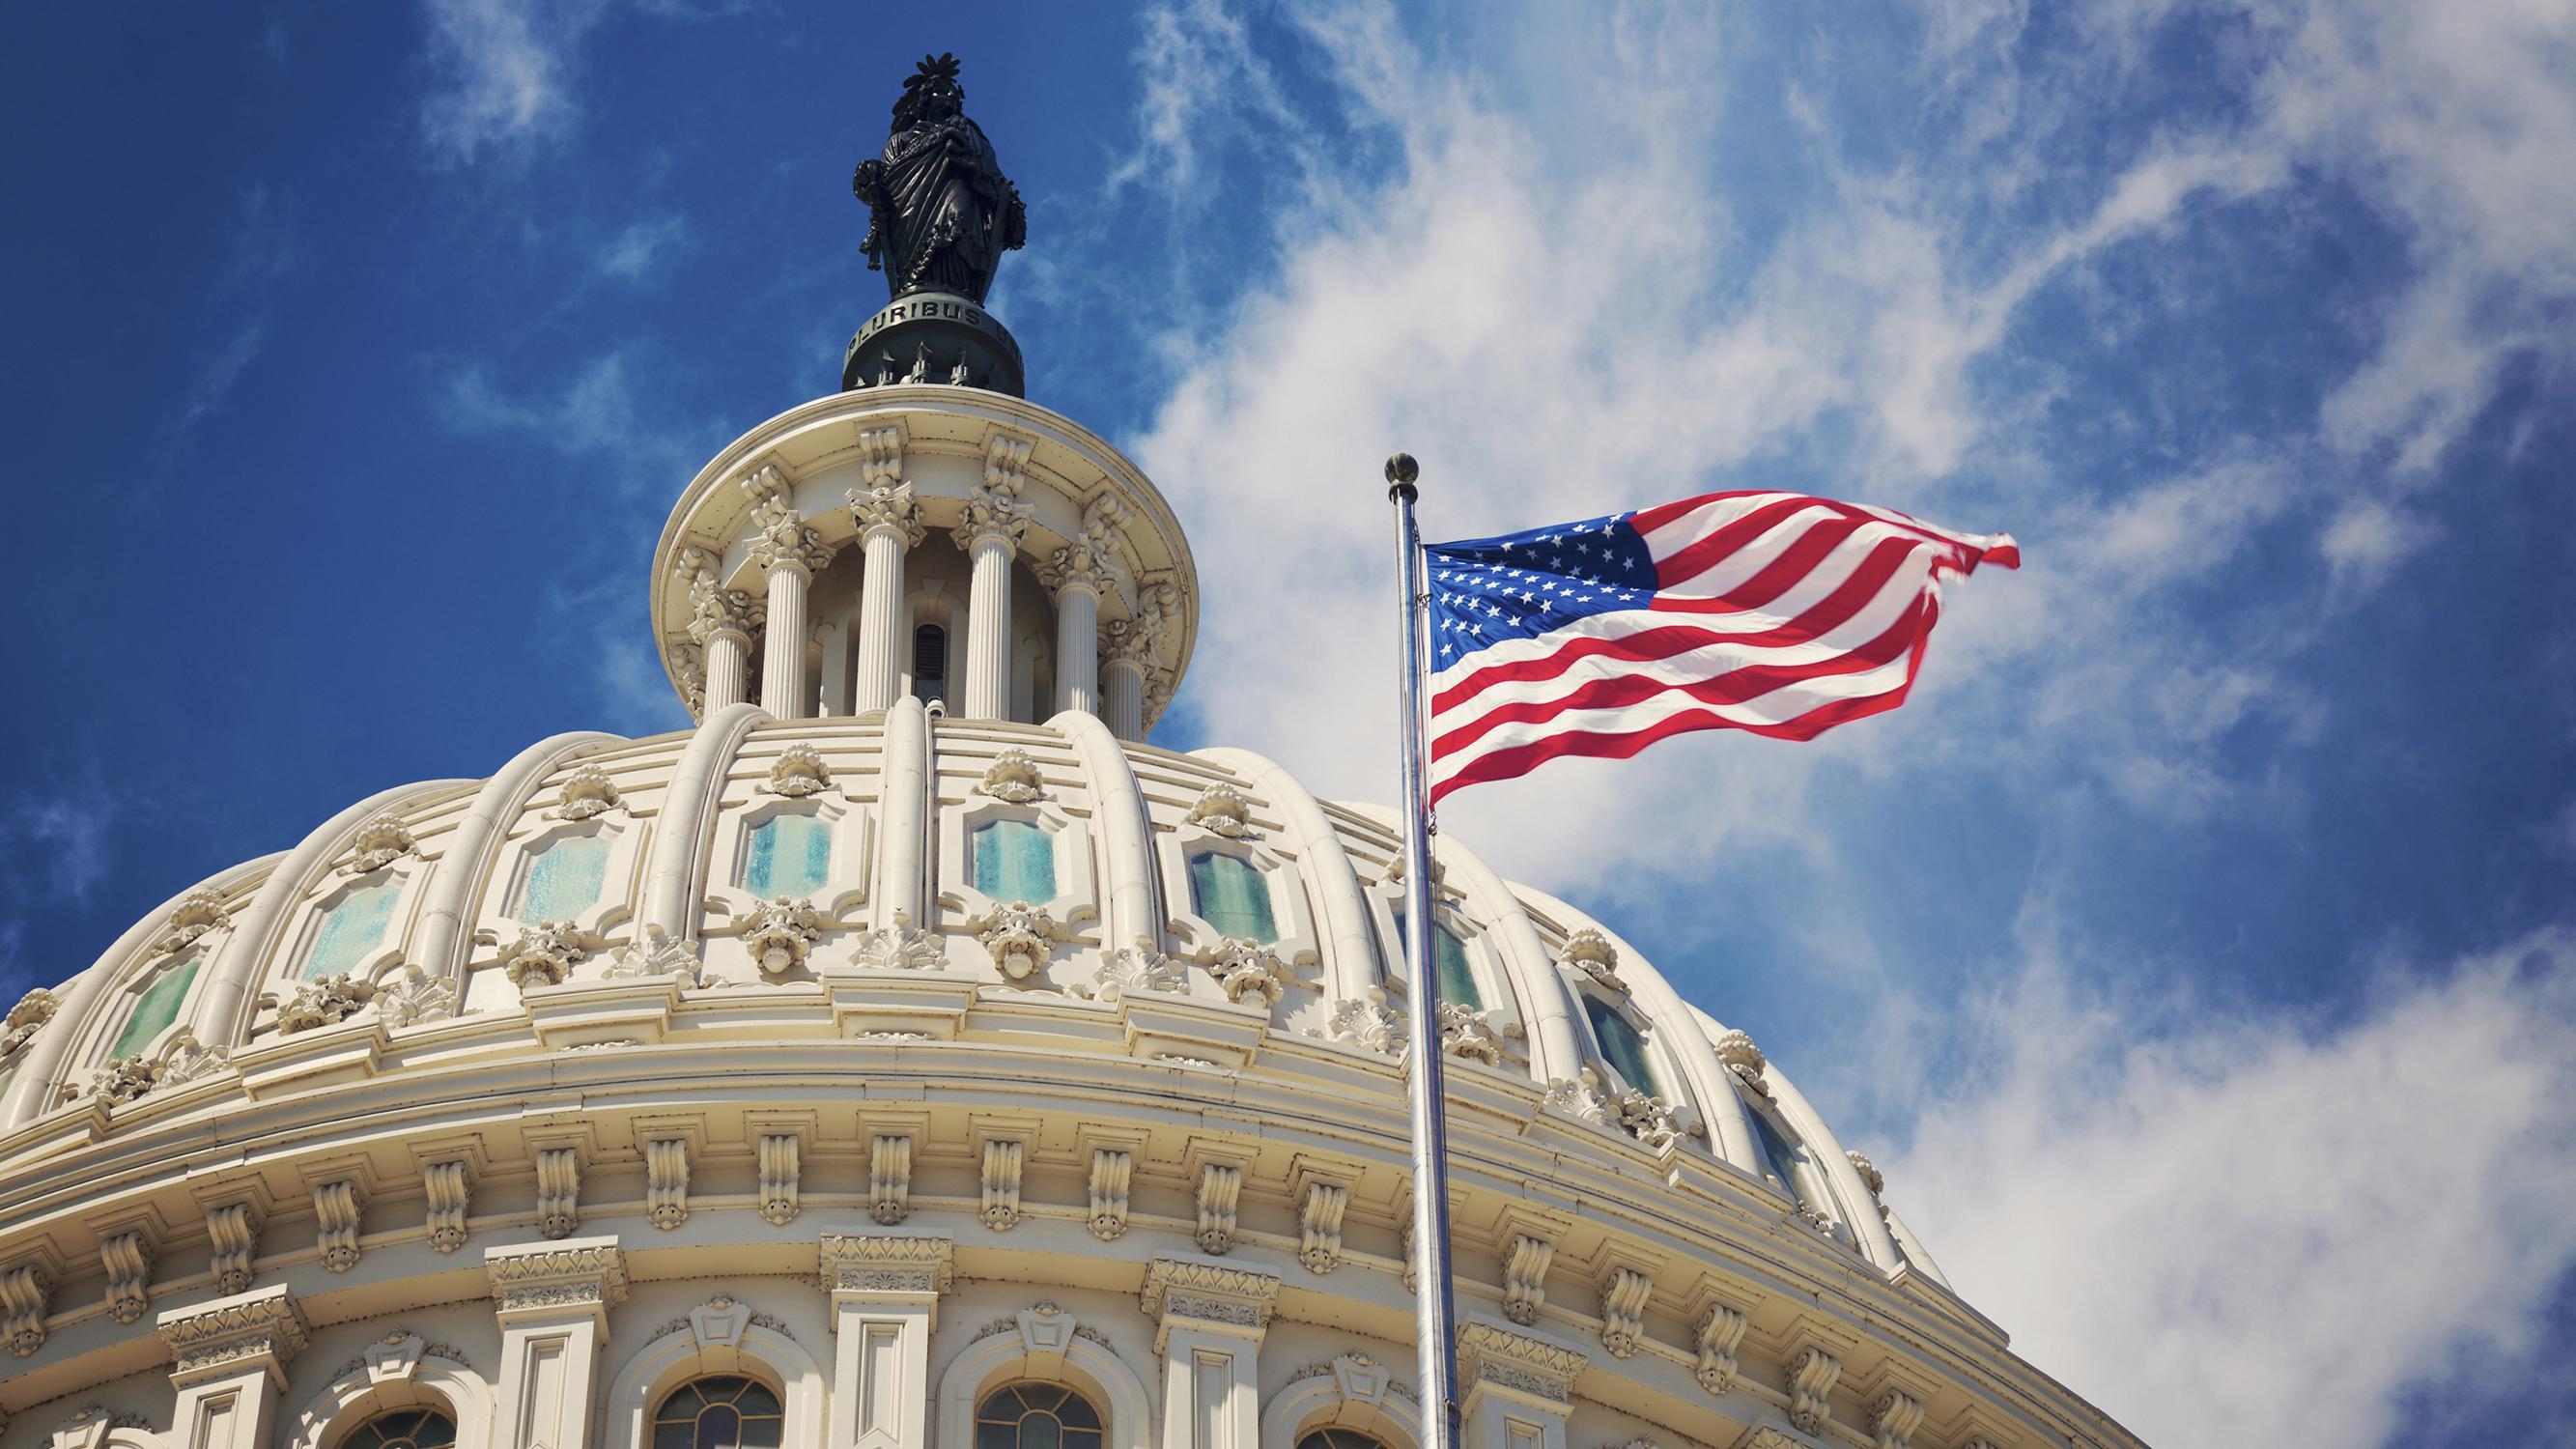 الكونجرس يعتزم التصويت على تحويل واشنطن العاصمة إلى ولاية